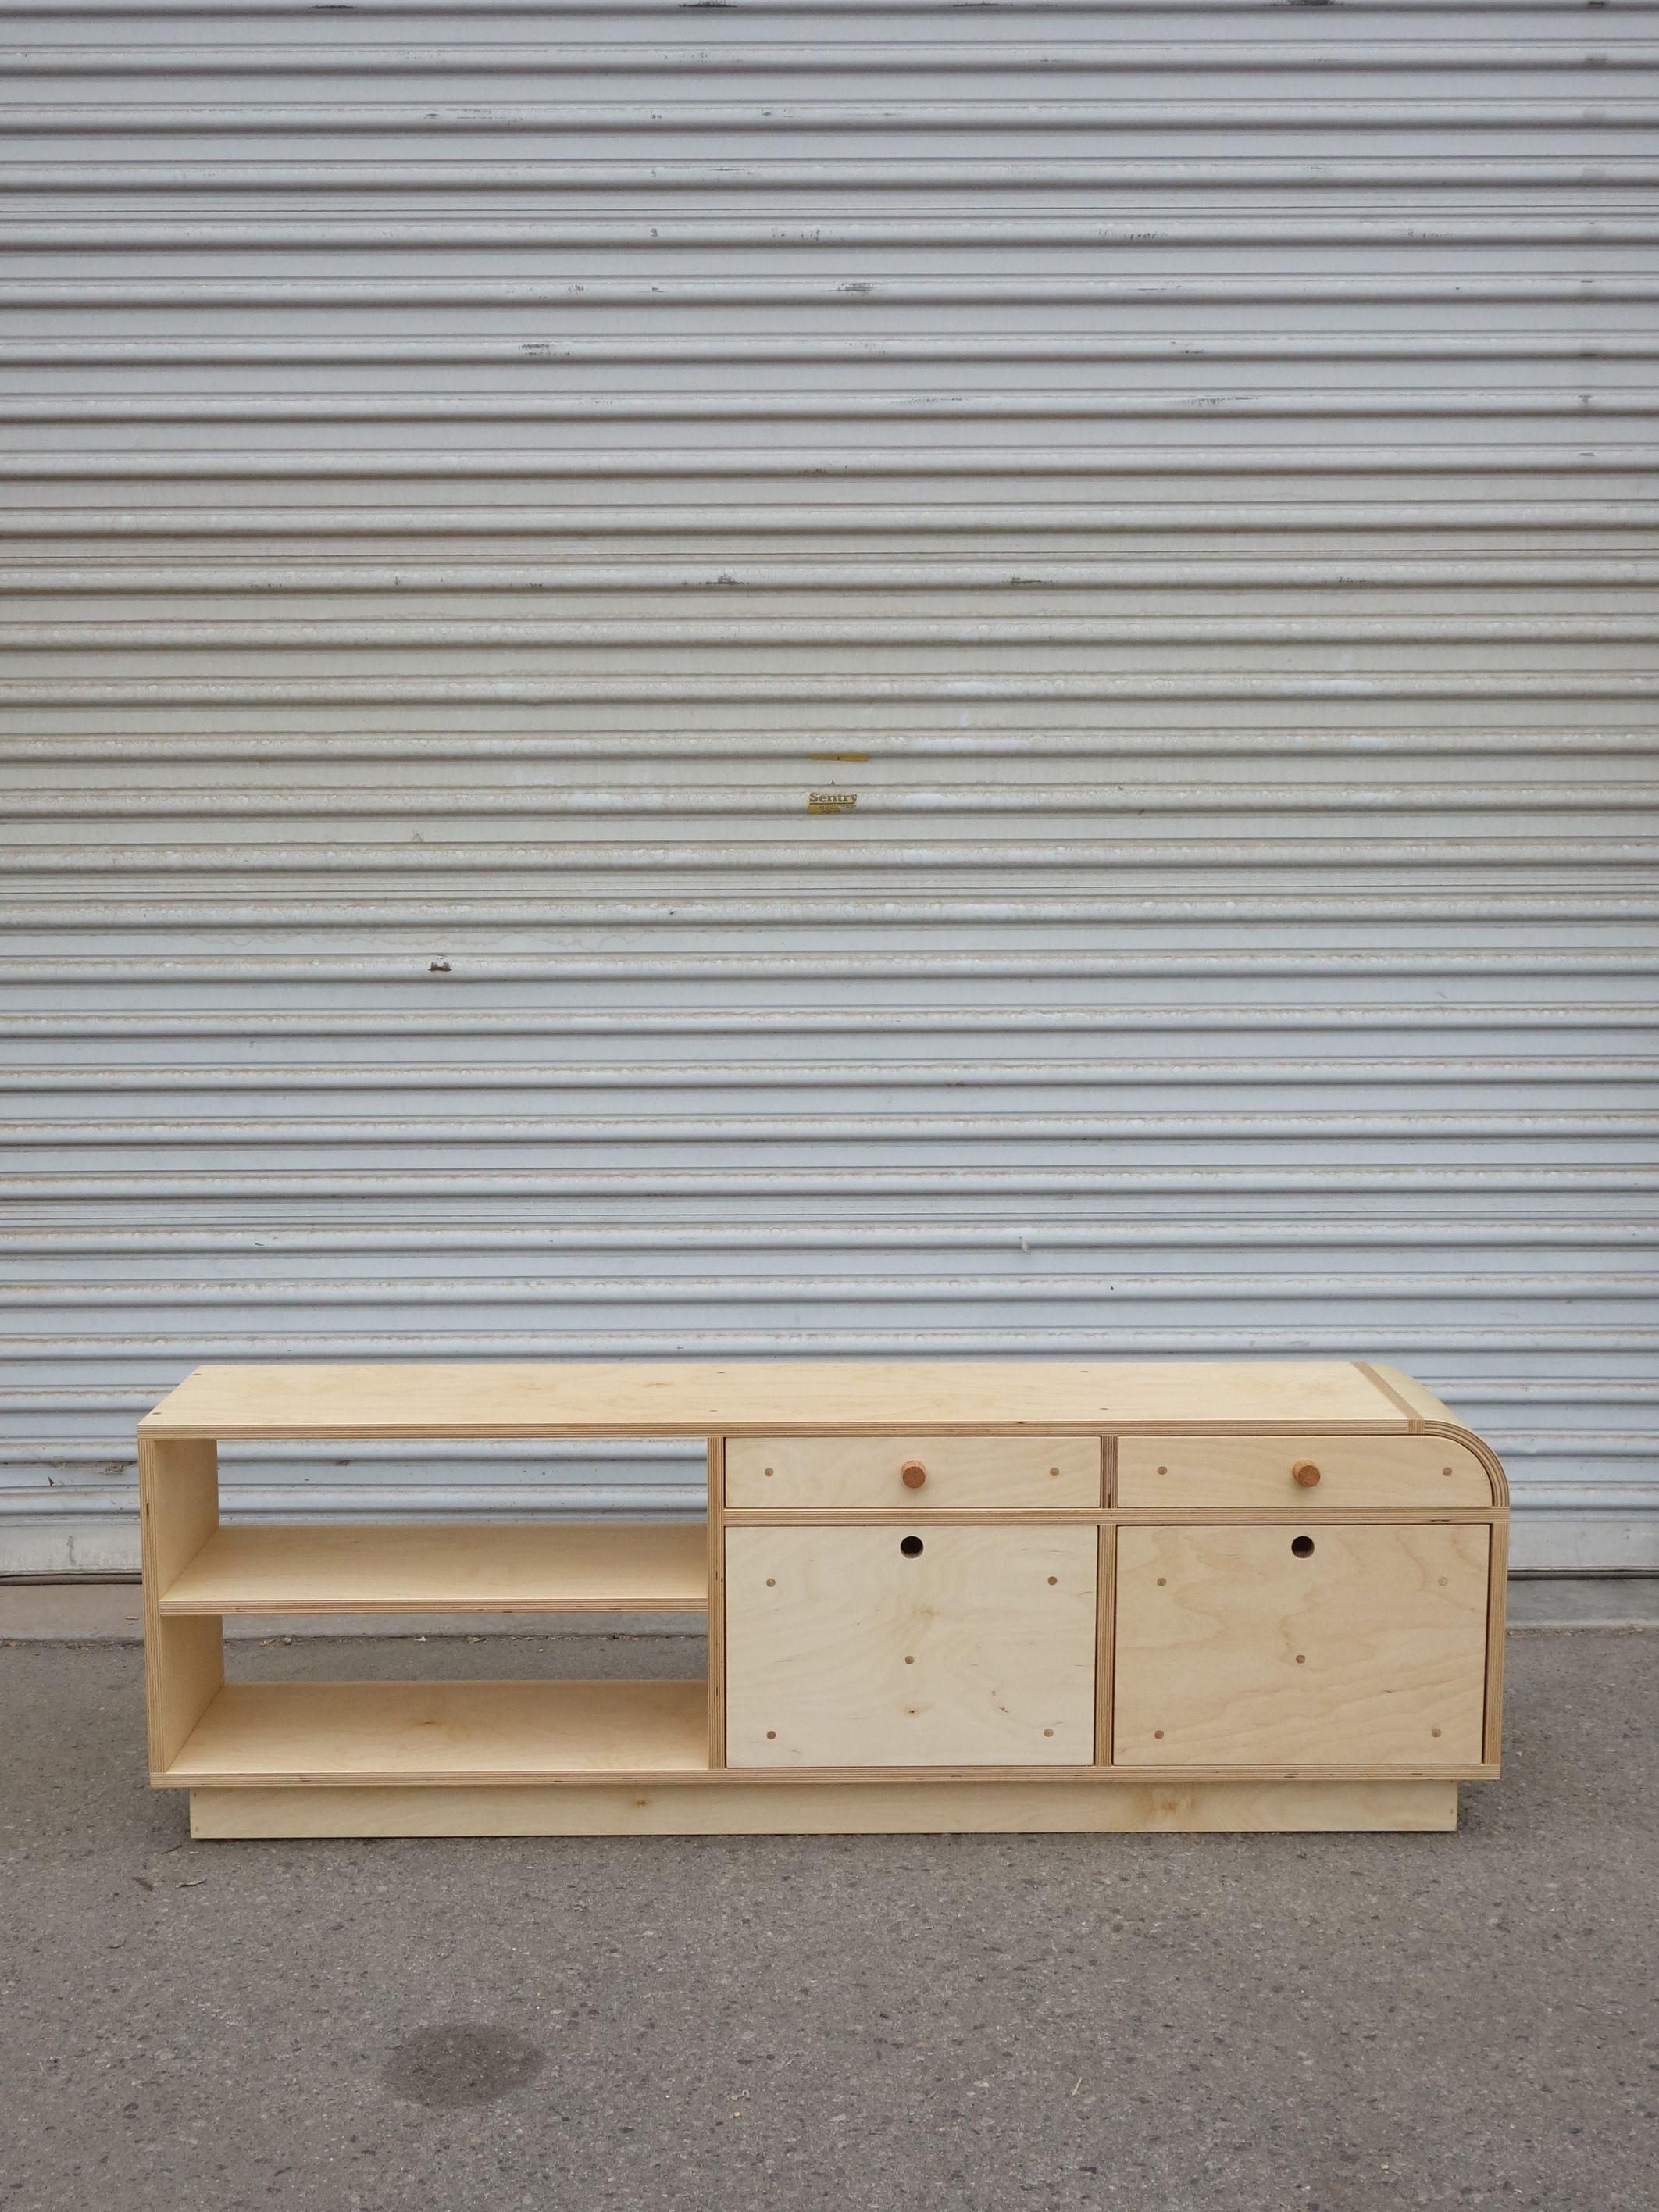 Entrance Organizer product image 0